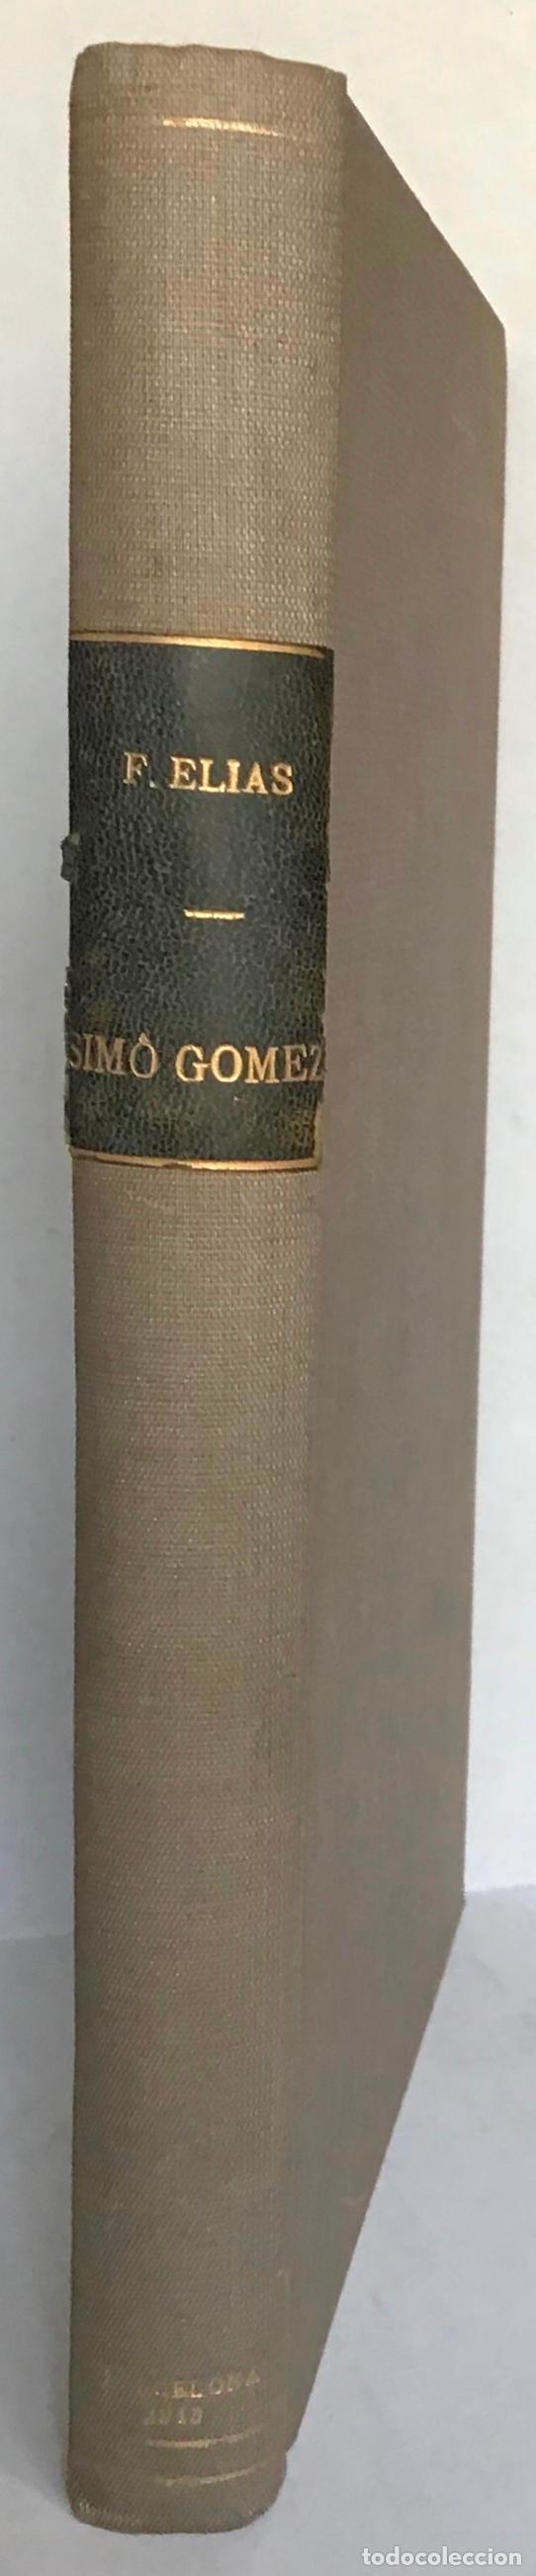 Libros antiguos: SIMÓ GOMEZ. Història verídica dun pintor del Poble Sec. - ELIAS, Feliu. - Foto 2 - 123184200